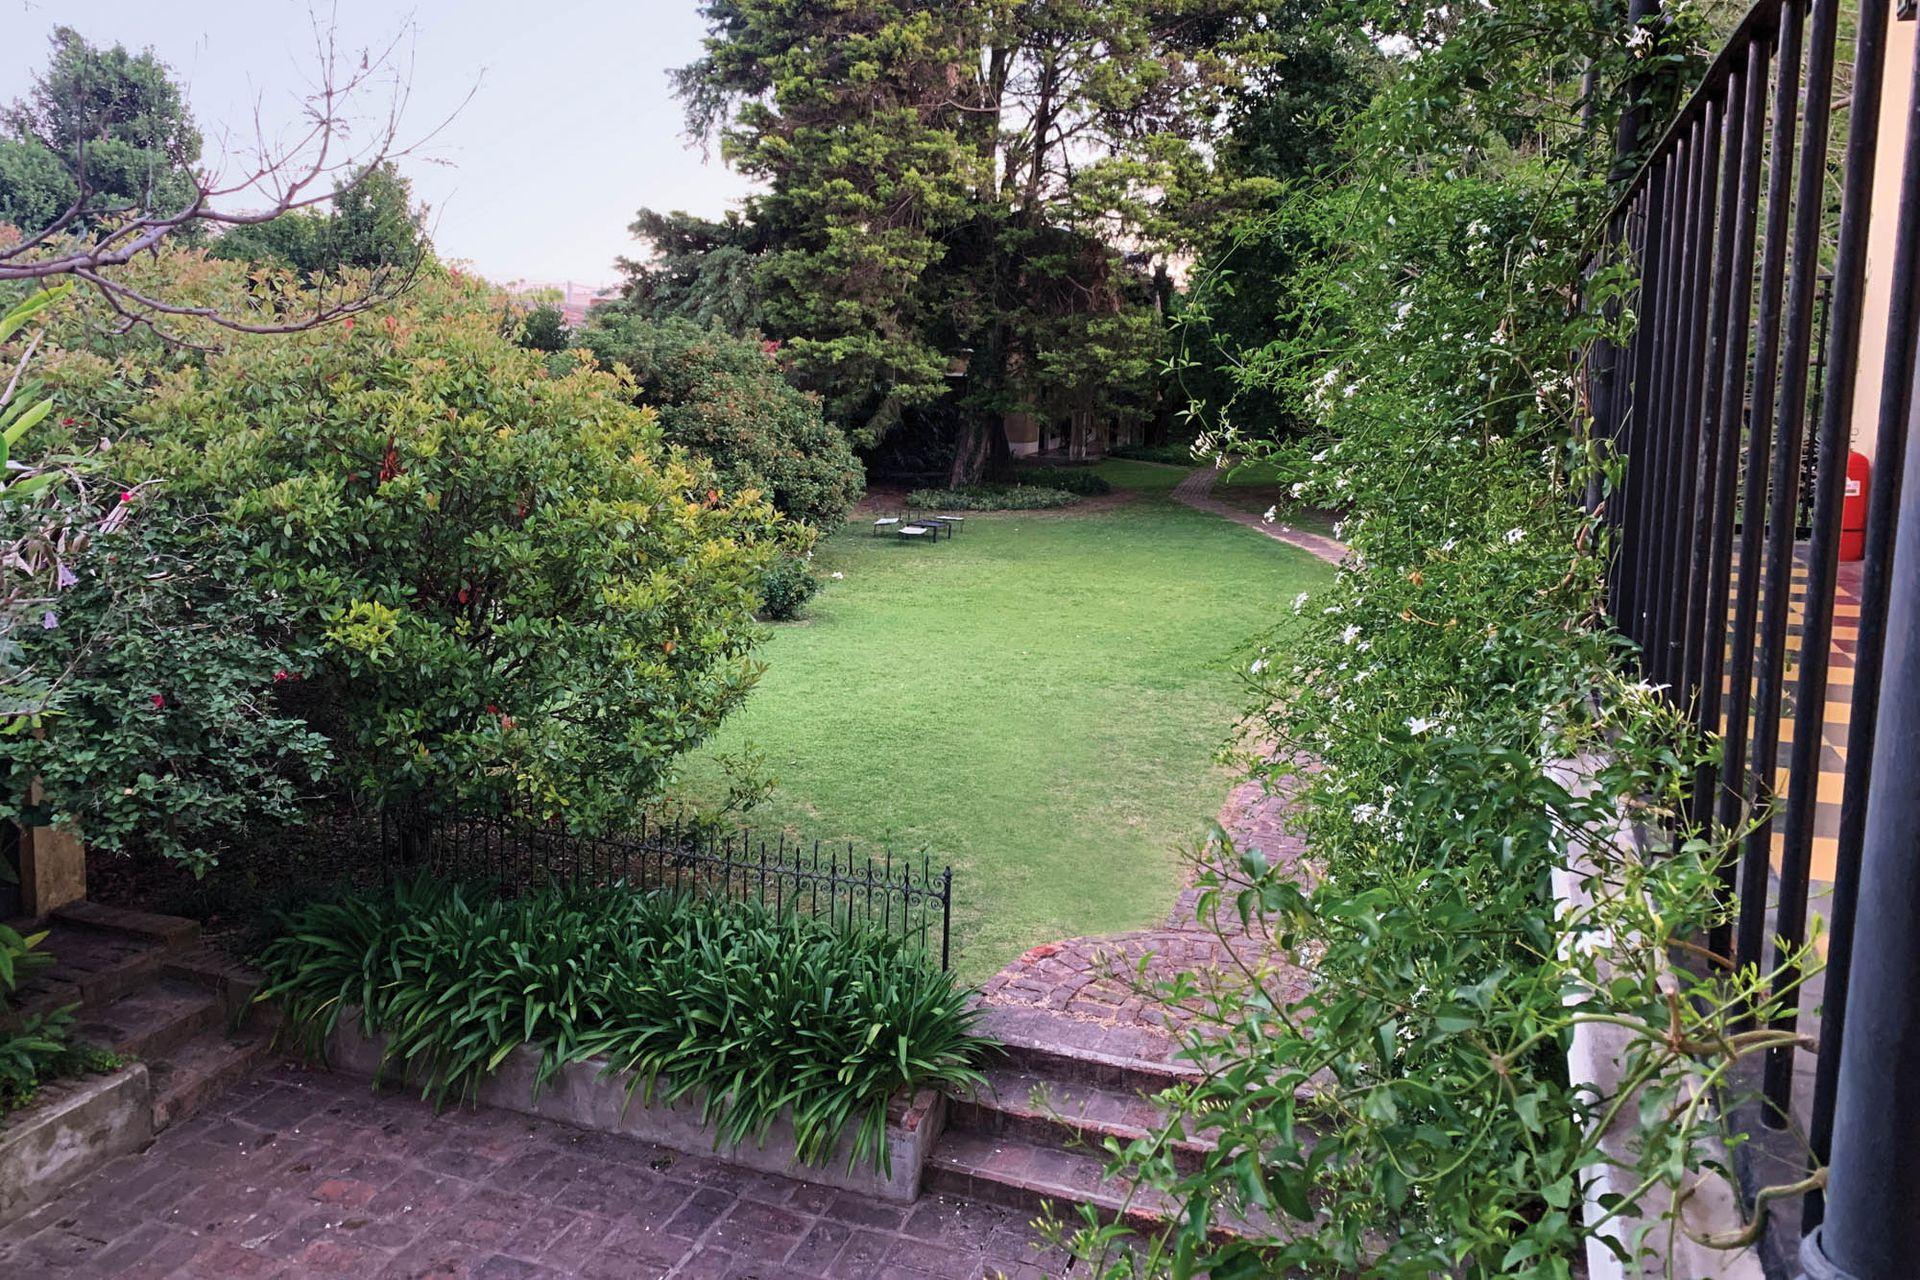 Mediante un cambio de nivel se accede al jardín trasero, en cuyo fondo se construyeron cuatro habitaciones más.